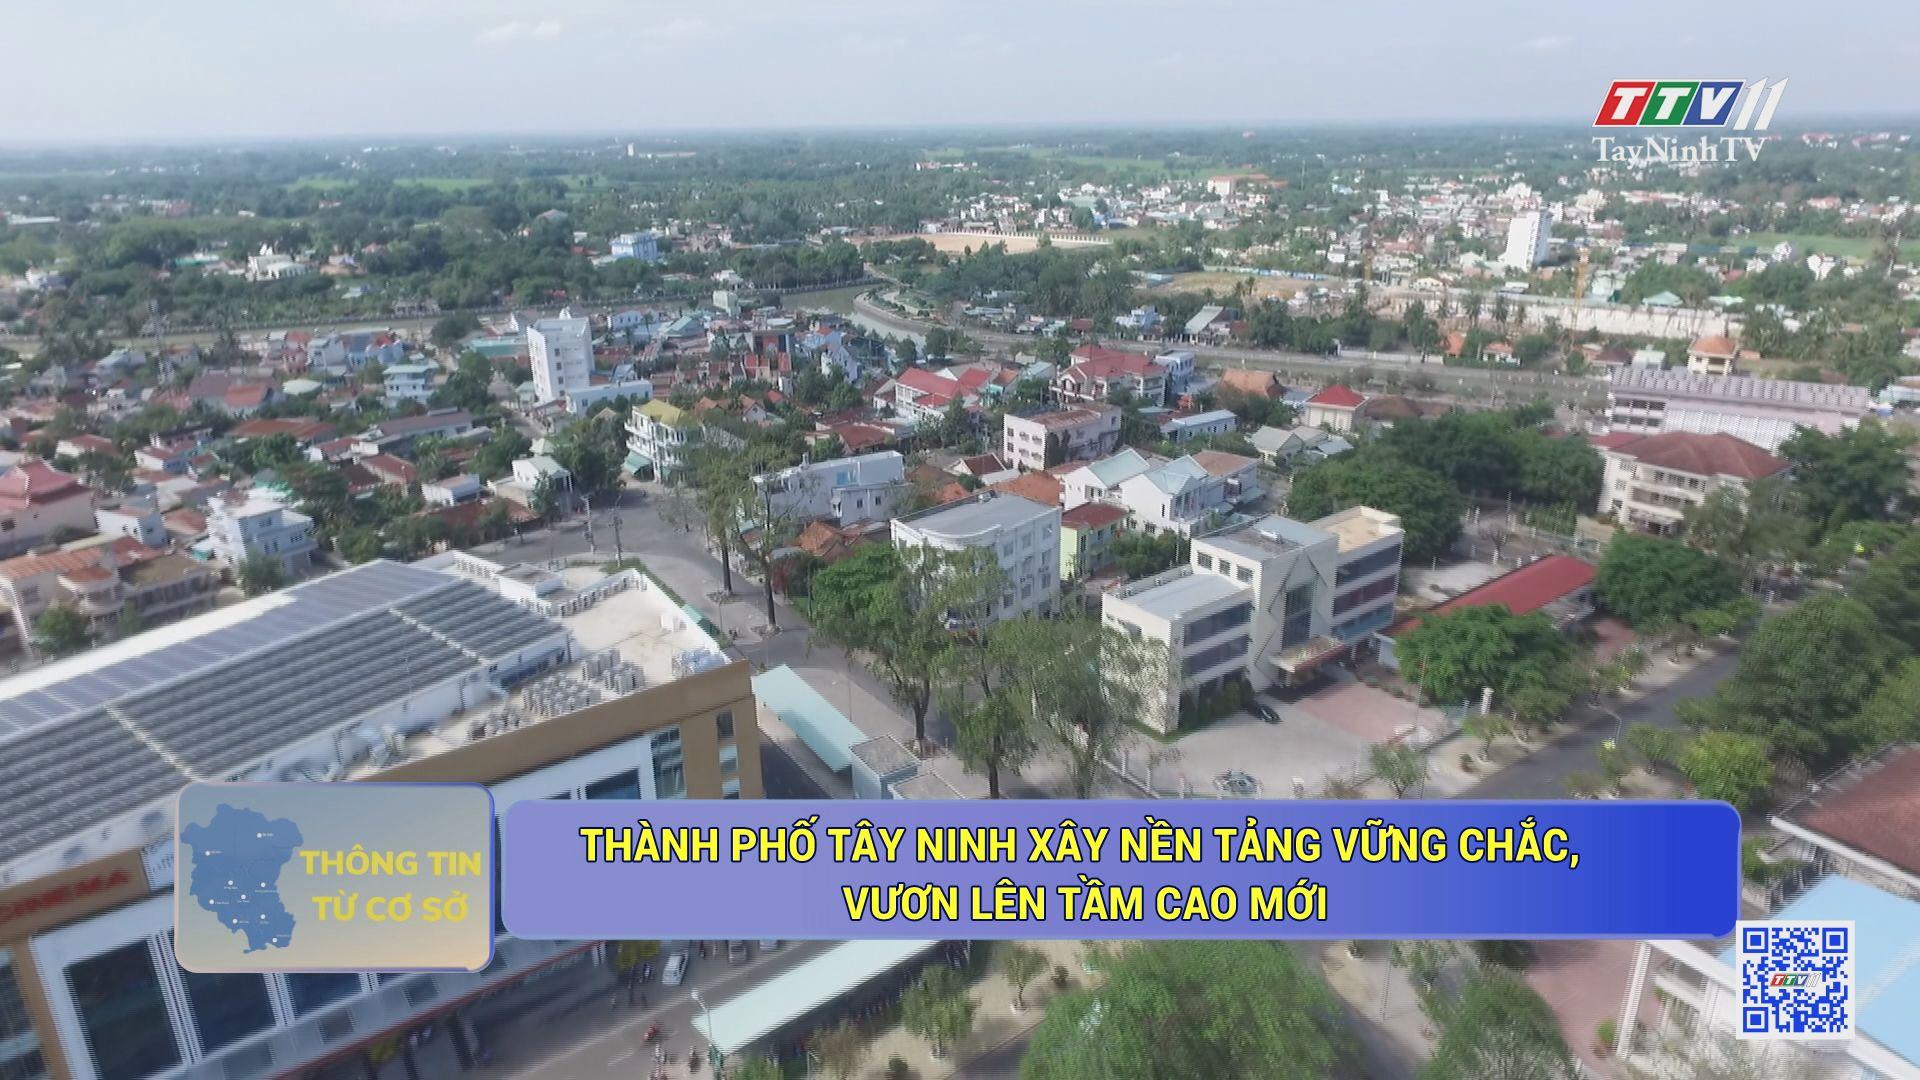 Thành phố Tây Ninh xây nền tảng vững chắc vươn lên tầm cao mới | THÔNG TIN TỪ CƠ SỞ | TayNinhTV